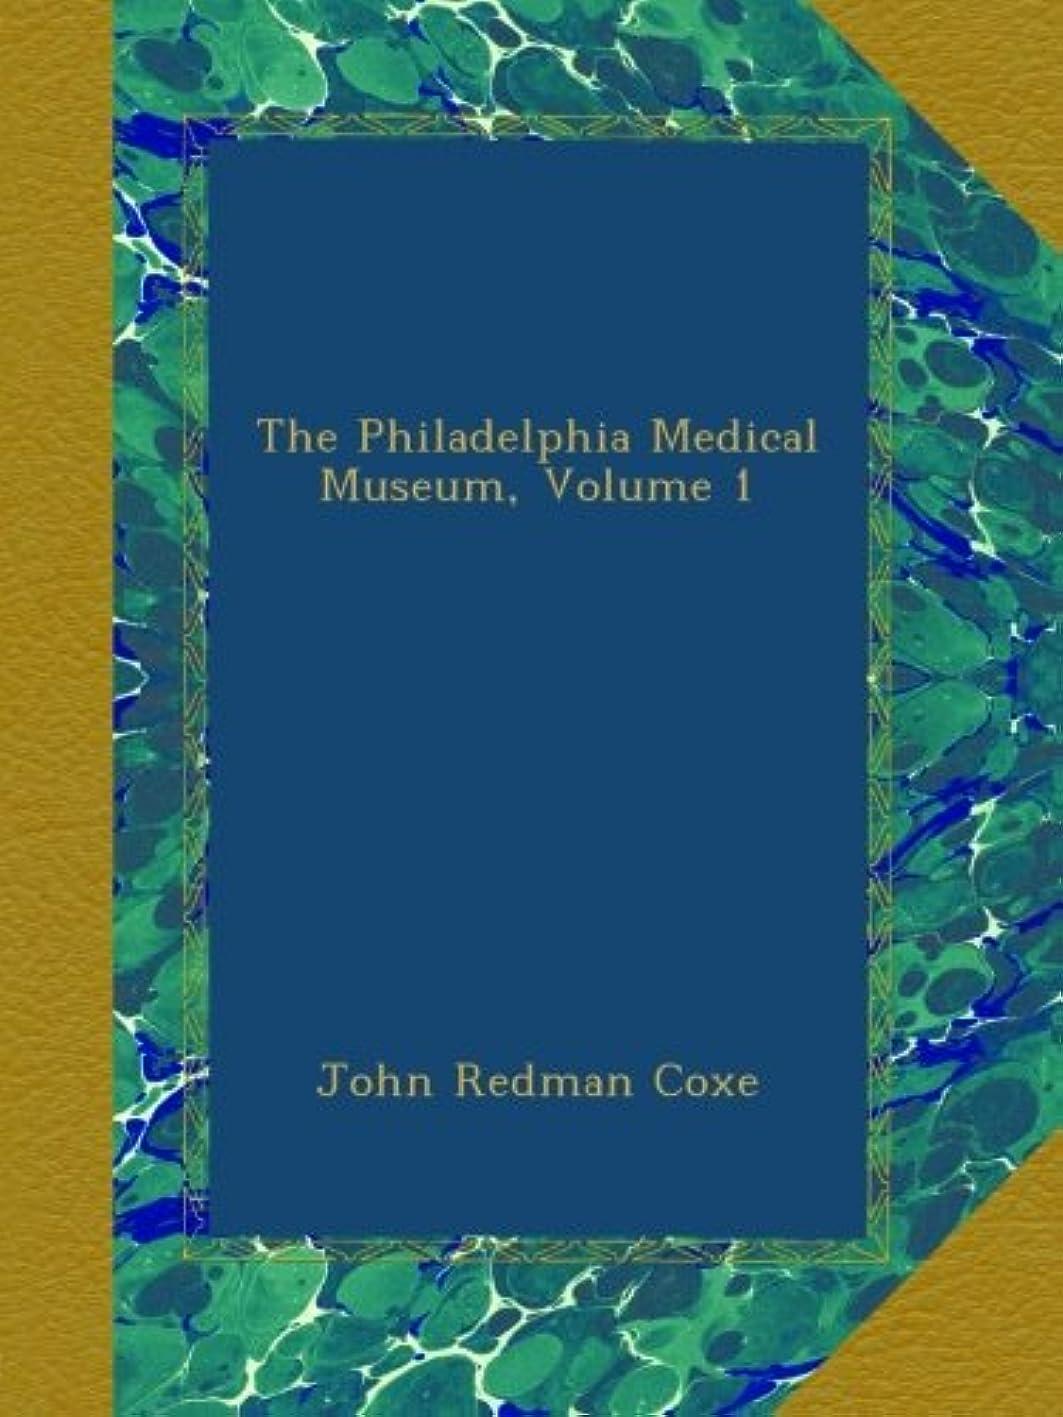 長椅子世界記録のギネスブック鑑定The Philadelphia Medical Museum, Volume 1